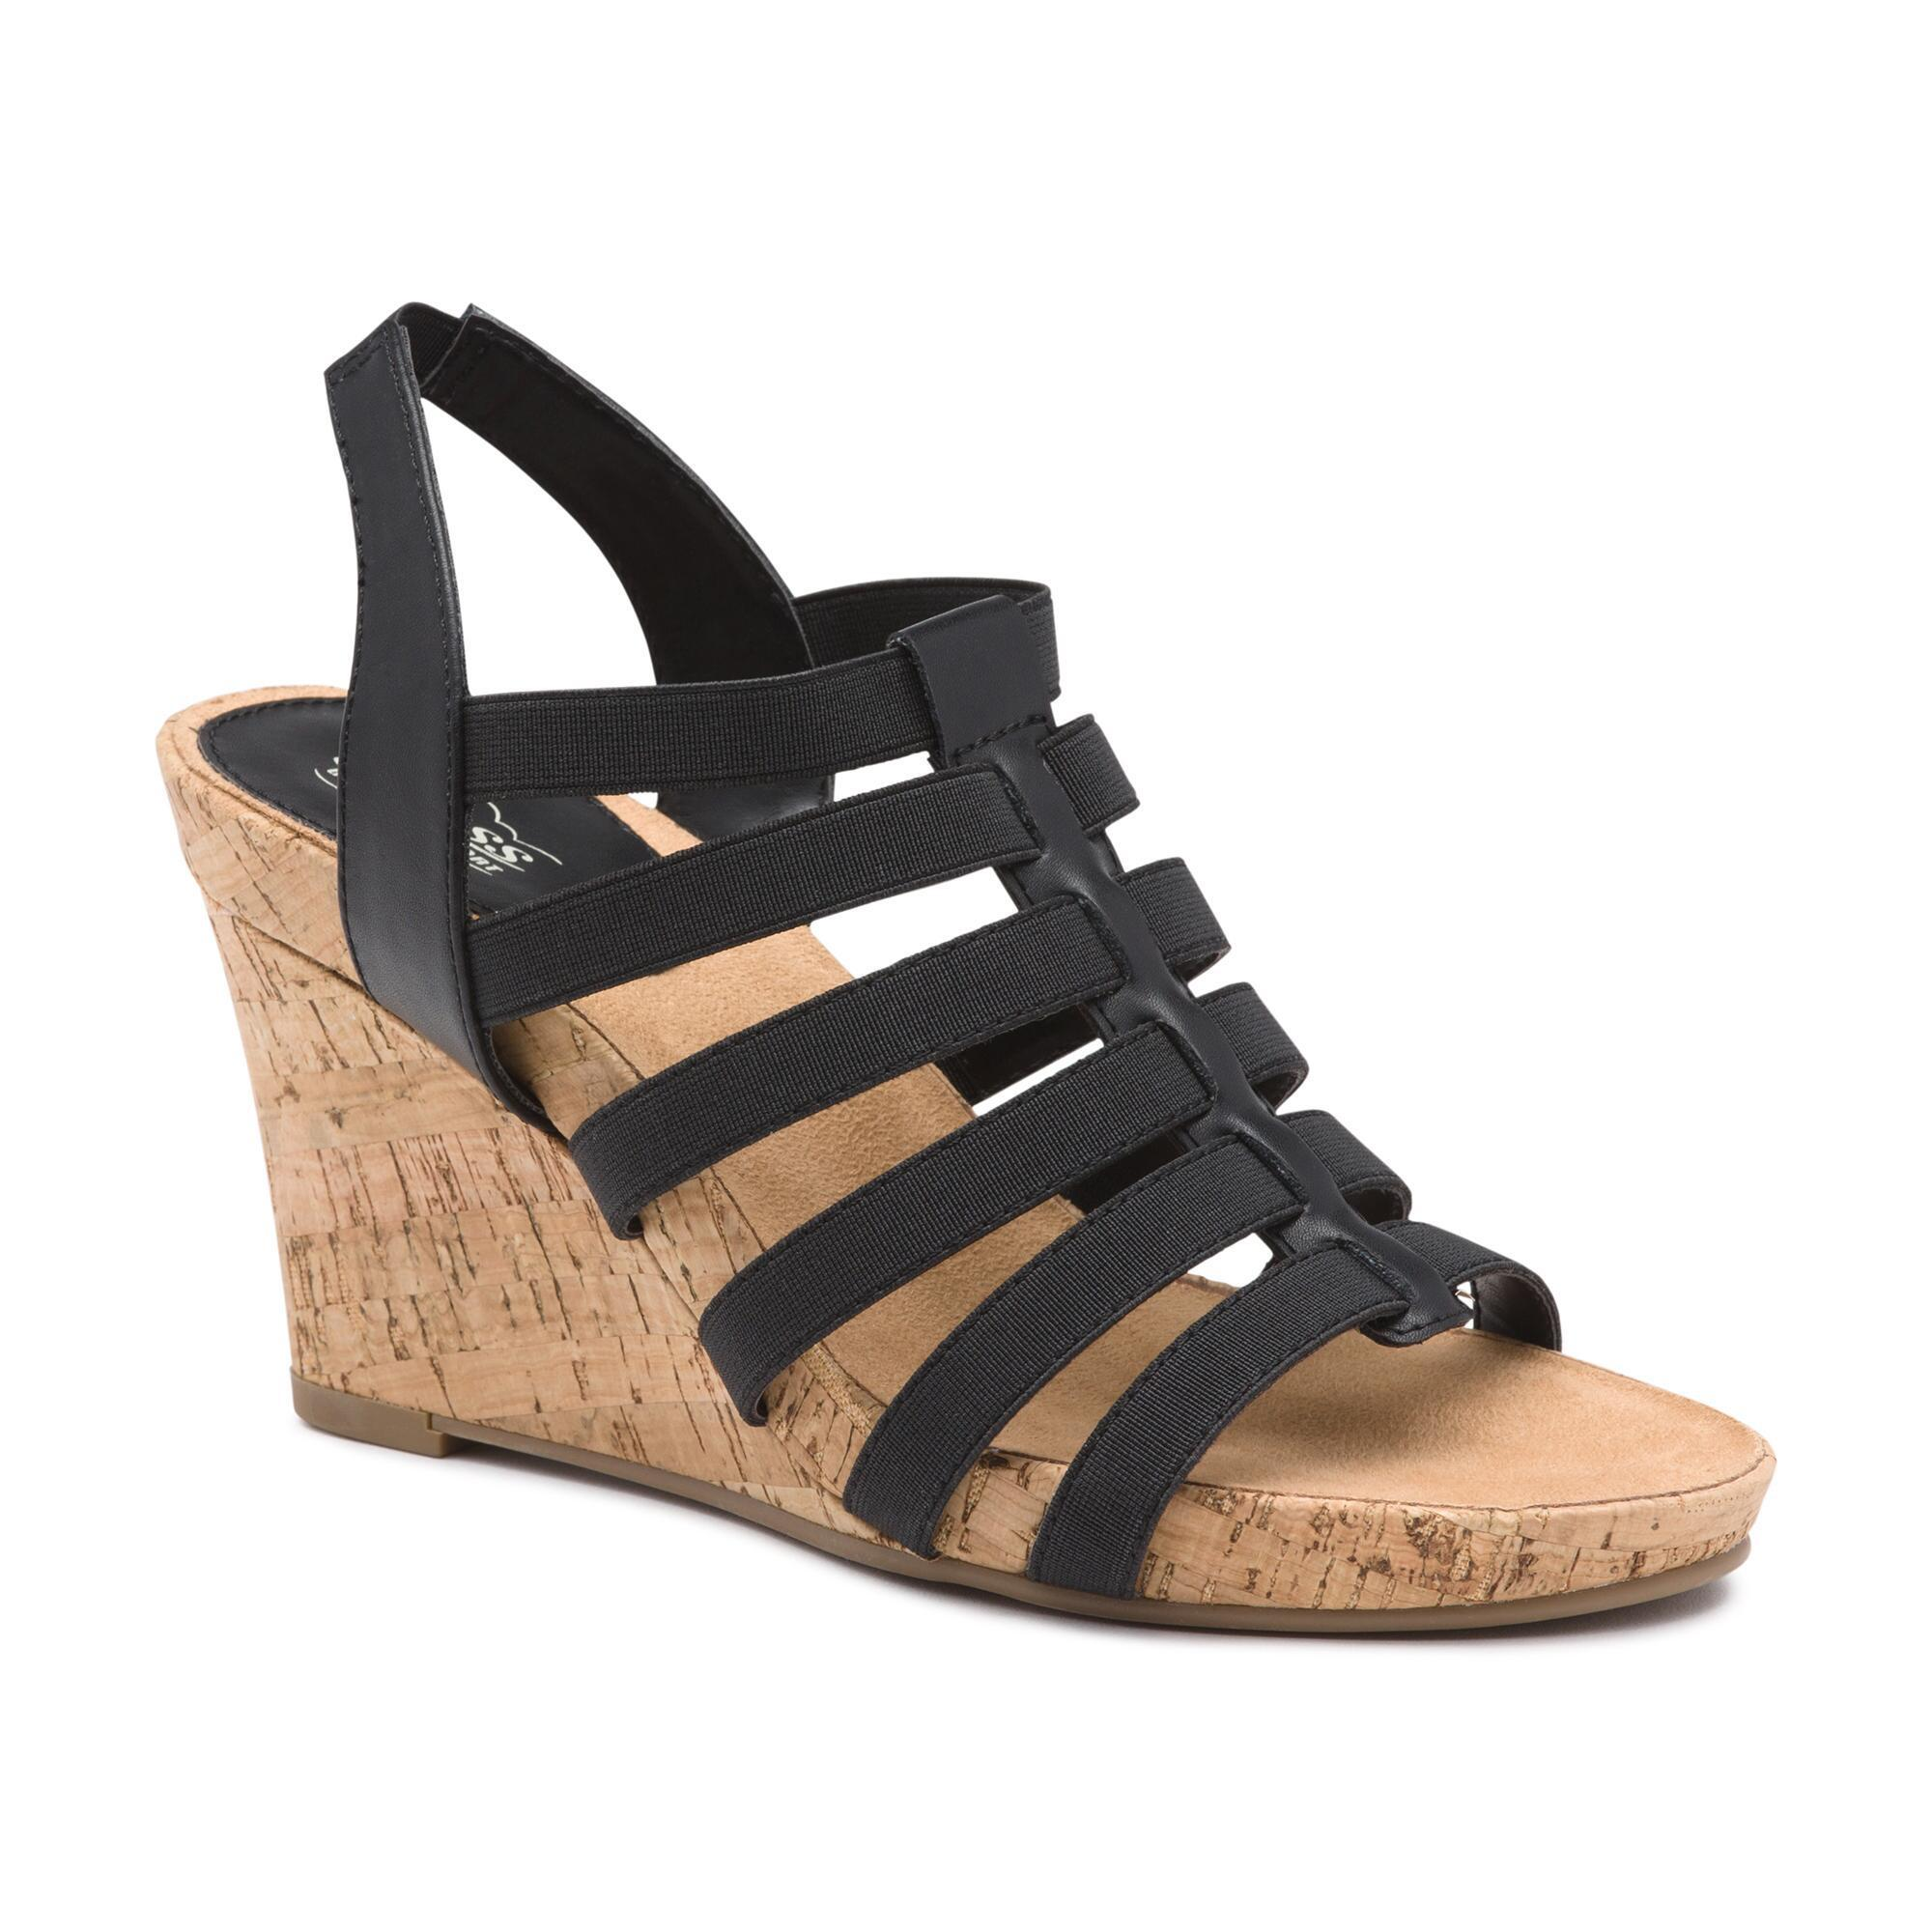 sandals cork comforter nude haan wedge c jianna sandal cole comfort in leather